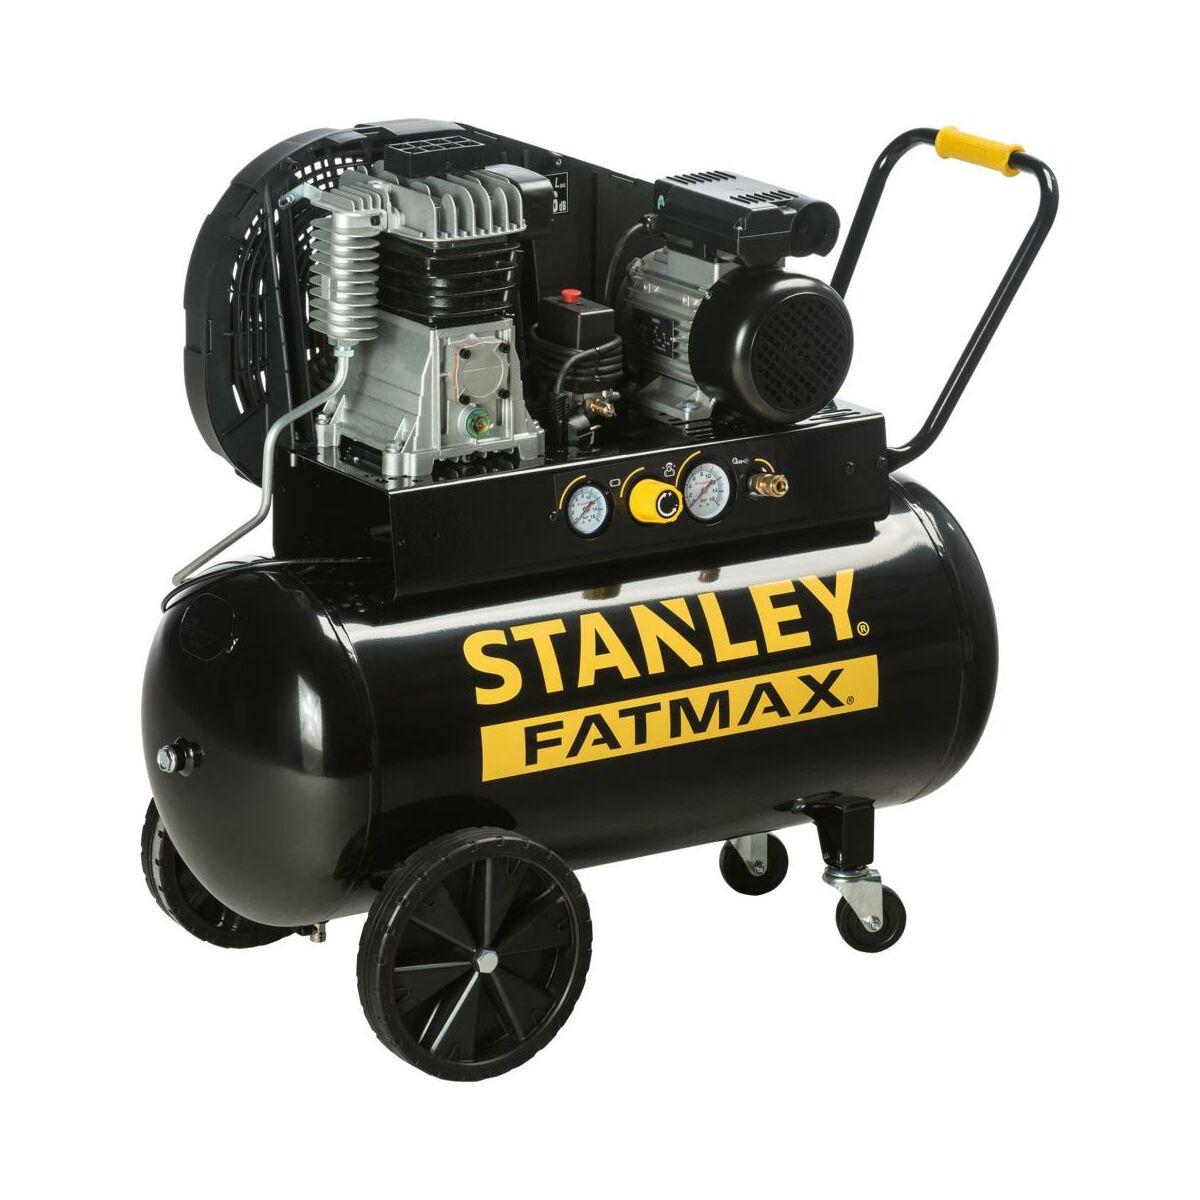 Kompresor Olejowy 28fa404stf026 100 L 10 Bar Stanley Fatmax Kompresory W Atrakcyjnej Cenie W Sklepach Leroy Merlin